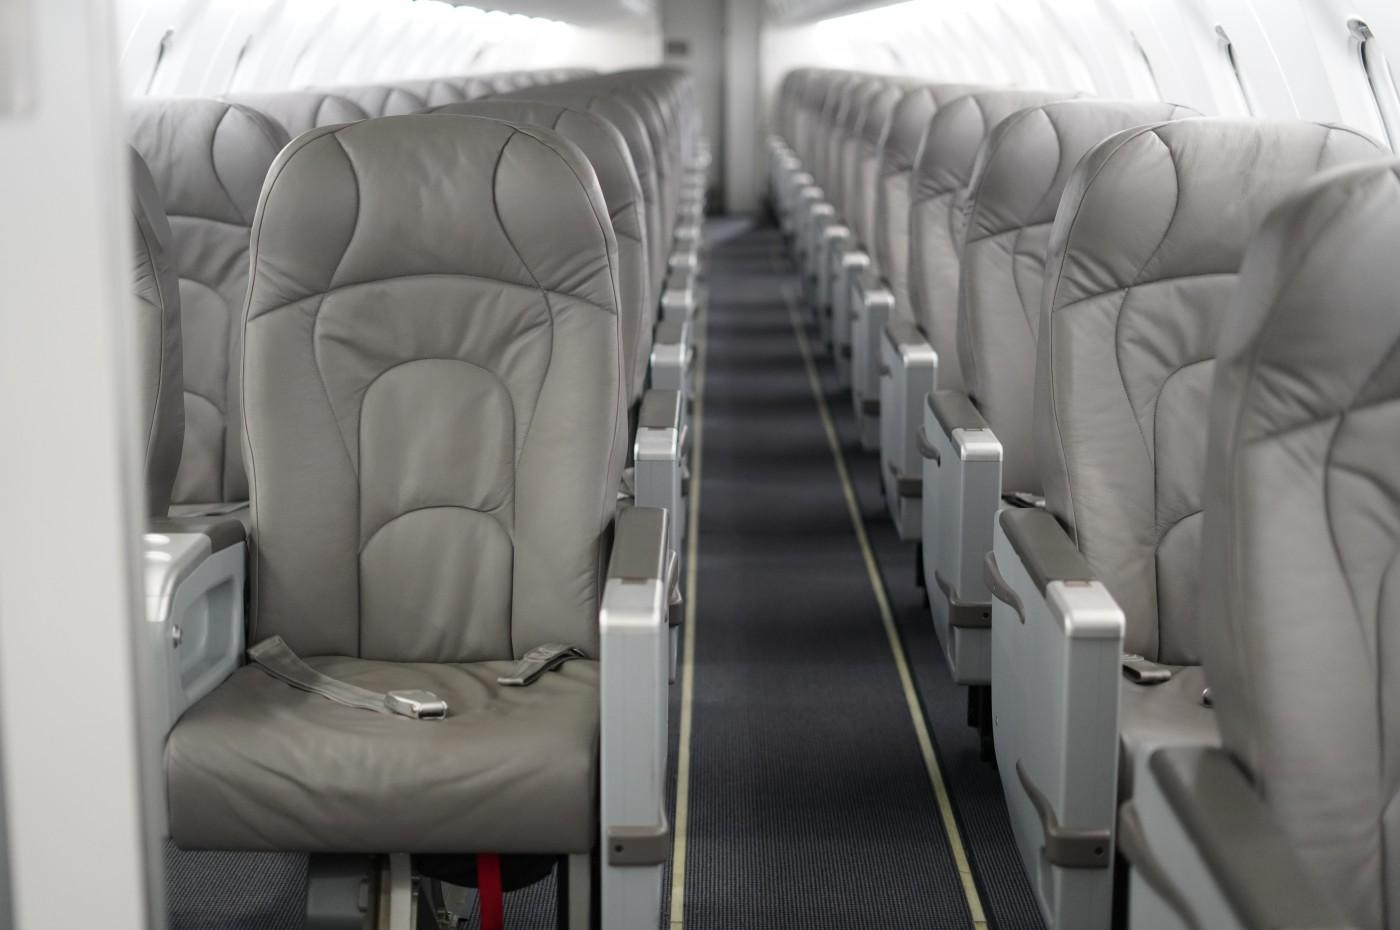 CRJ 700 Aisle View